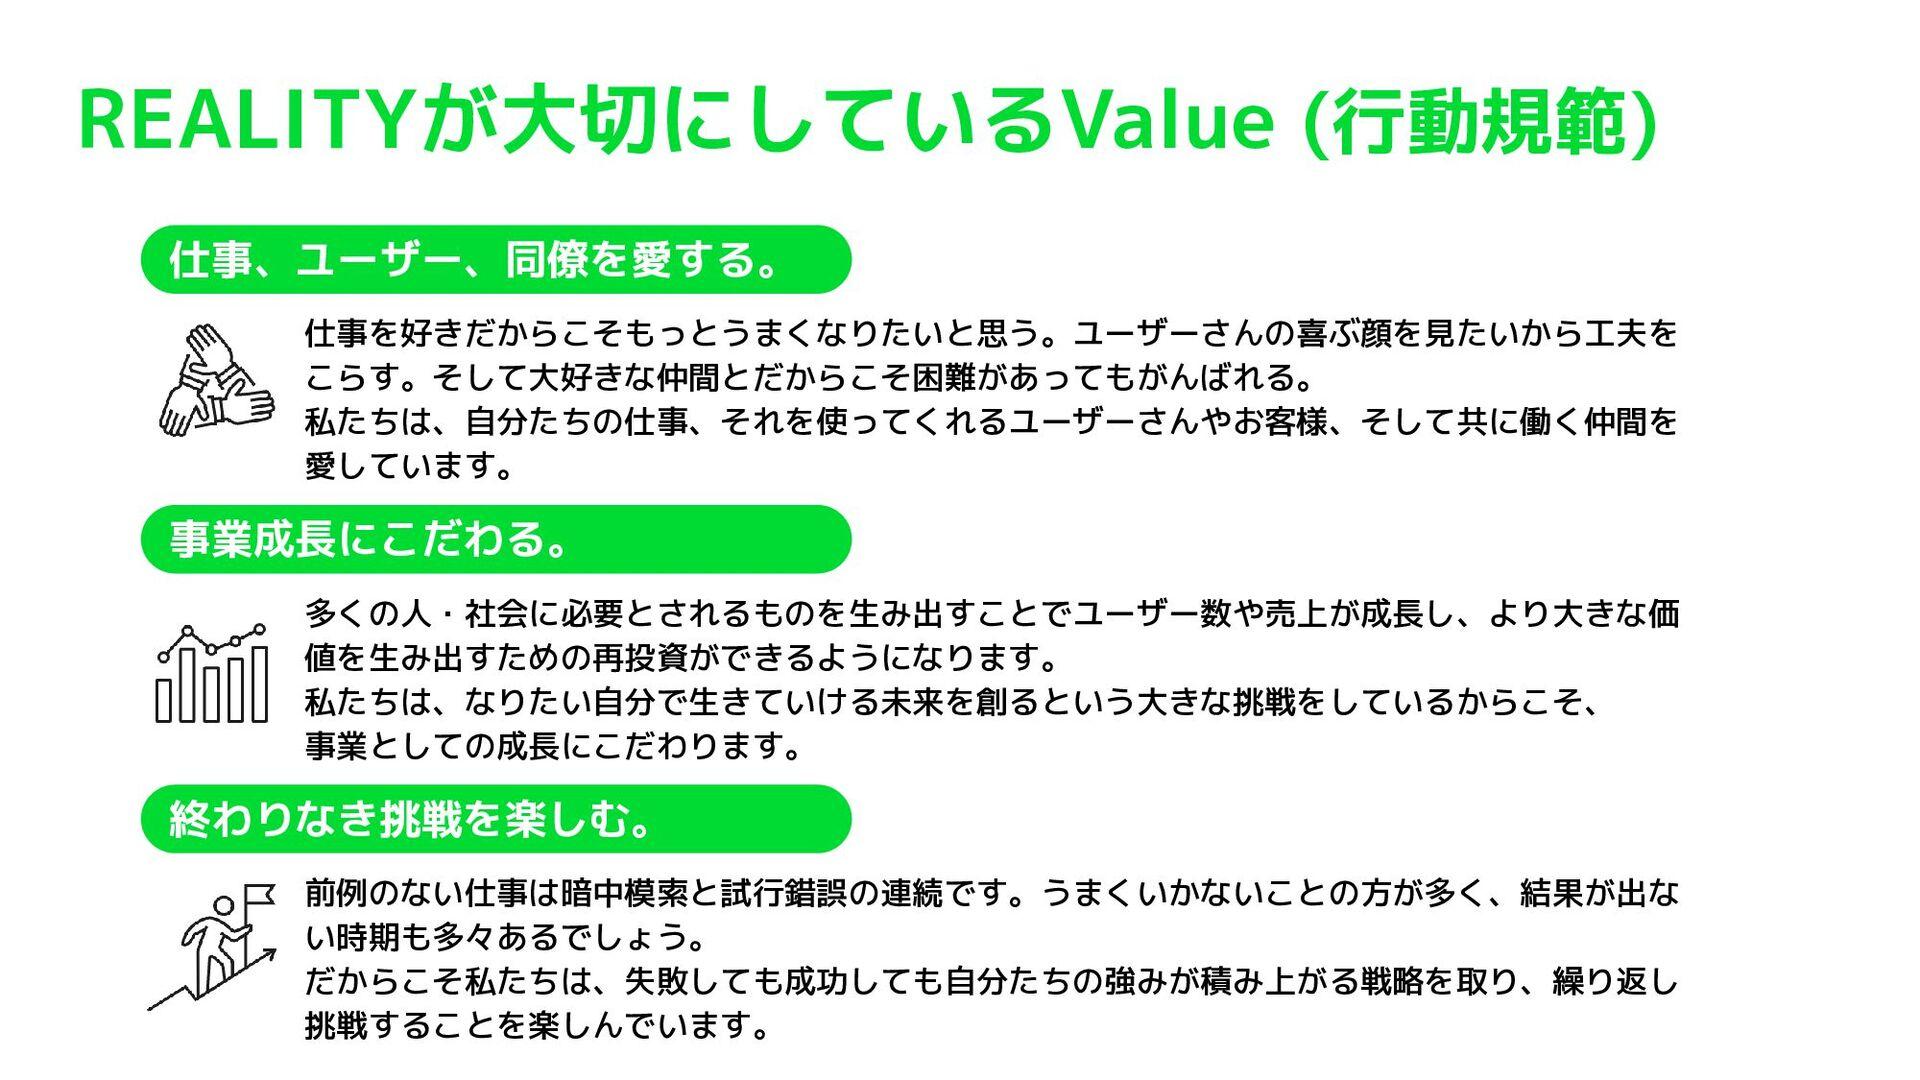 REALITYが大切にしているValue(行動規範) 34 仕事、ユーザー、同僚を愛する。 事...